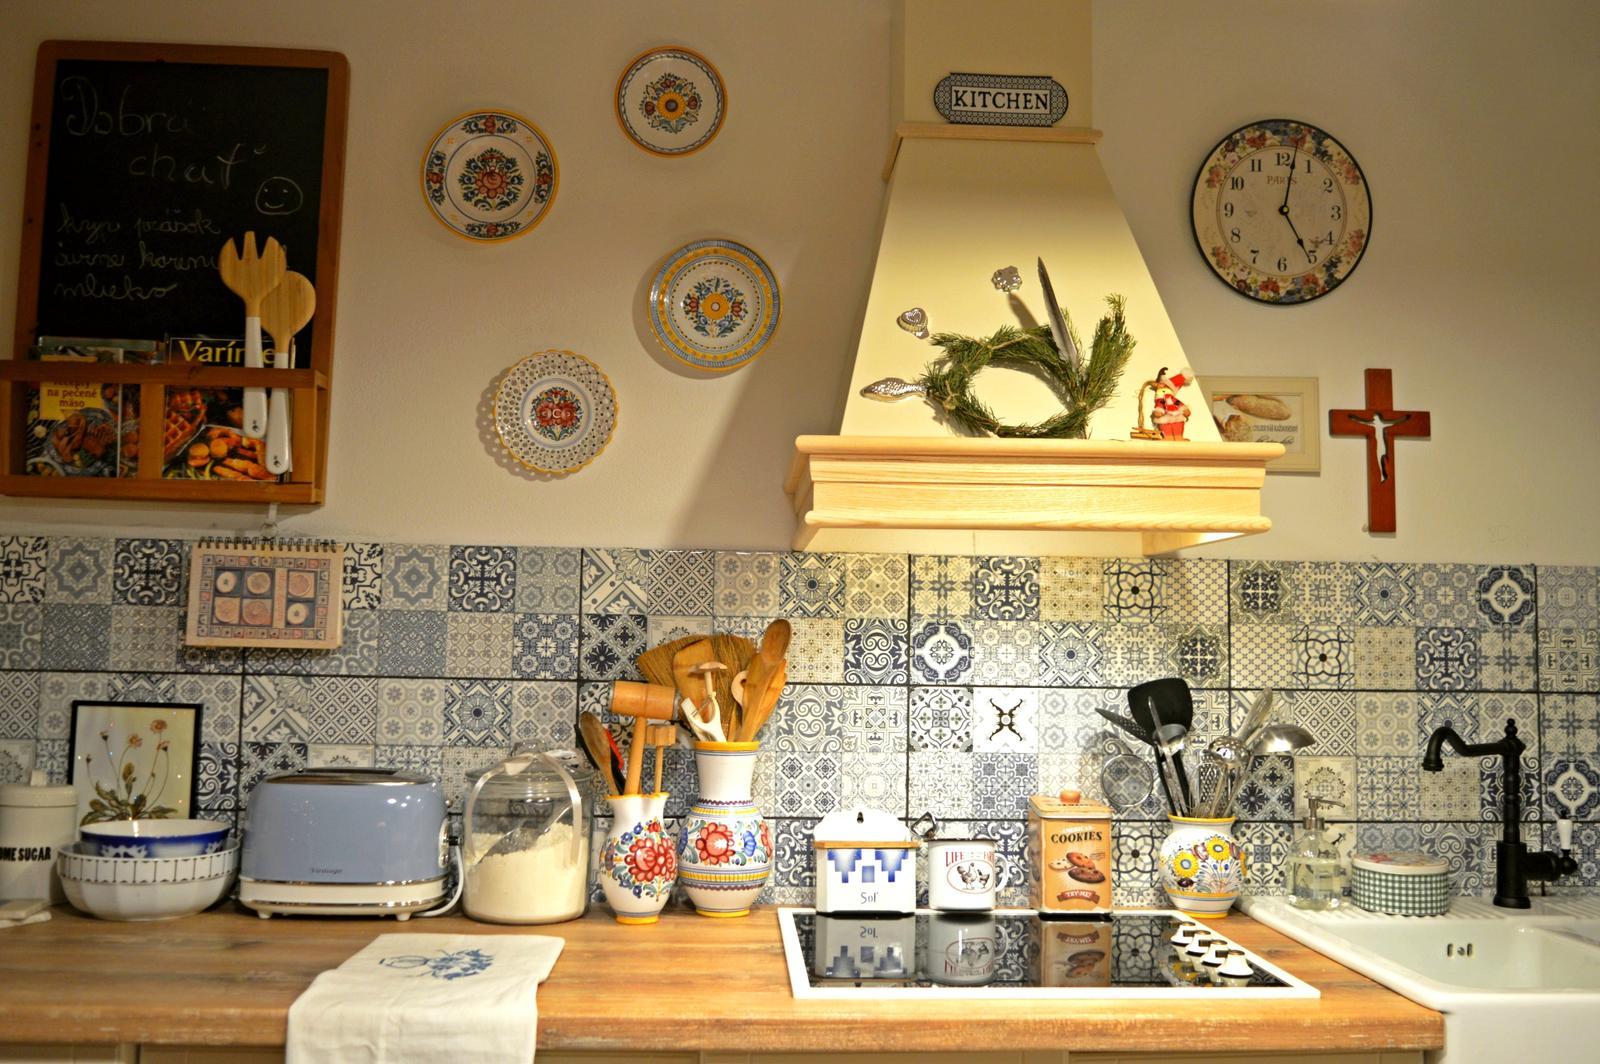 Domček v poli - Tak som si vysukala rukavy a pustila sa do nasej kuchynky, ktoru som si celu sama naplanovala, navrhla a postupne aj montujem, doladujem a vytvaram v obraz z mojich kuchynskych snov :) :) :)